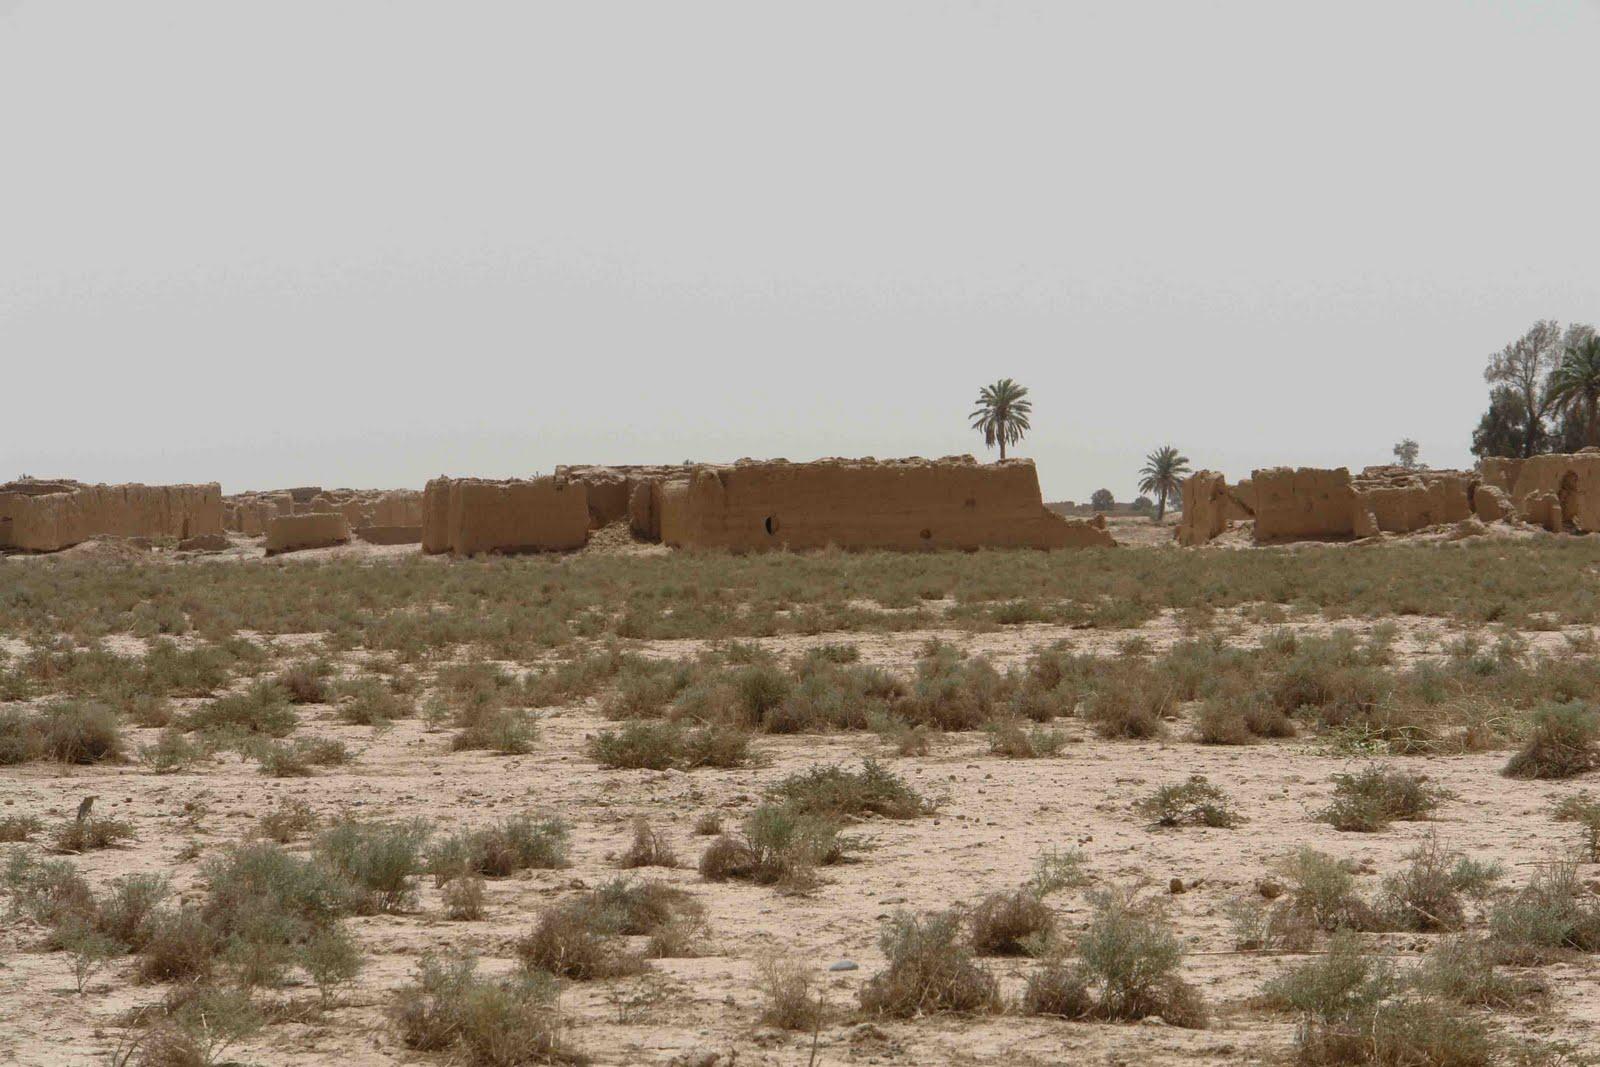 العثور على مخلفات حربية في ناحية زرباطية الحدودية بواسط